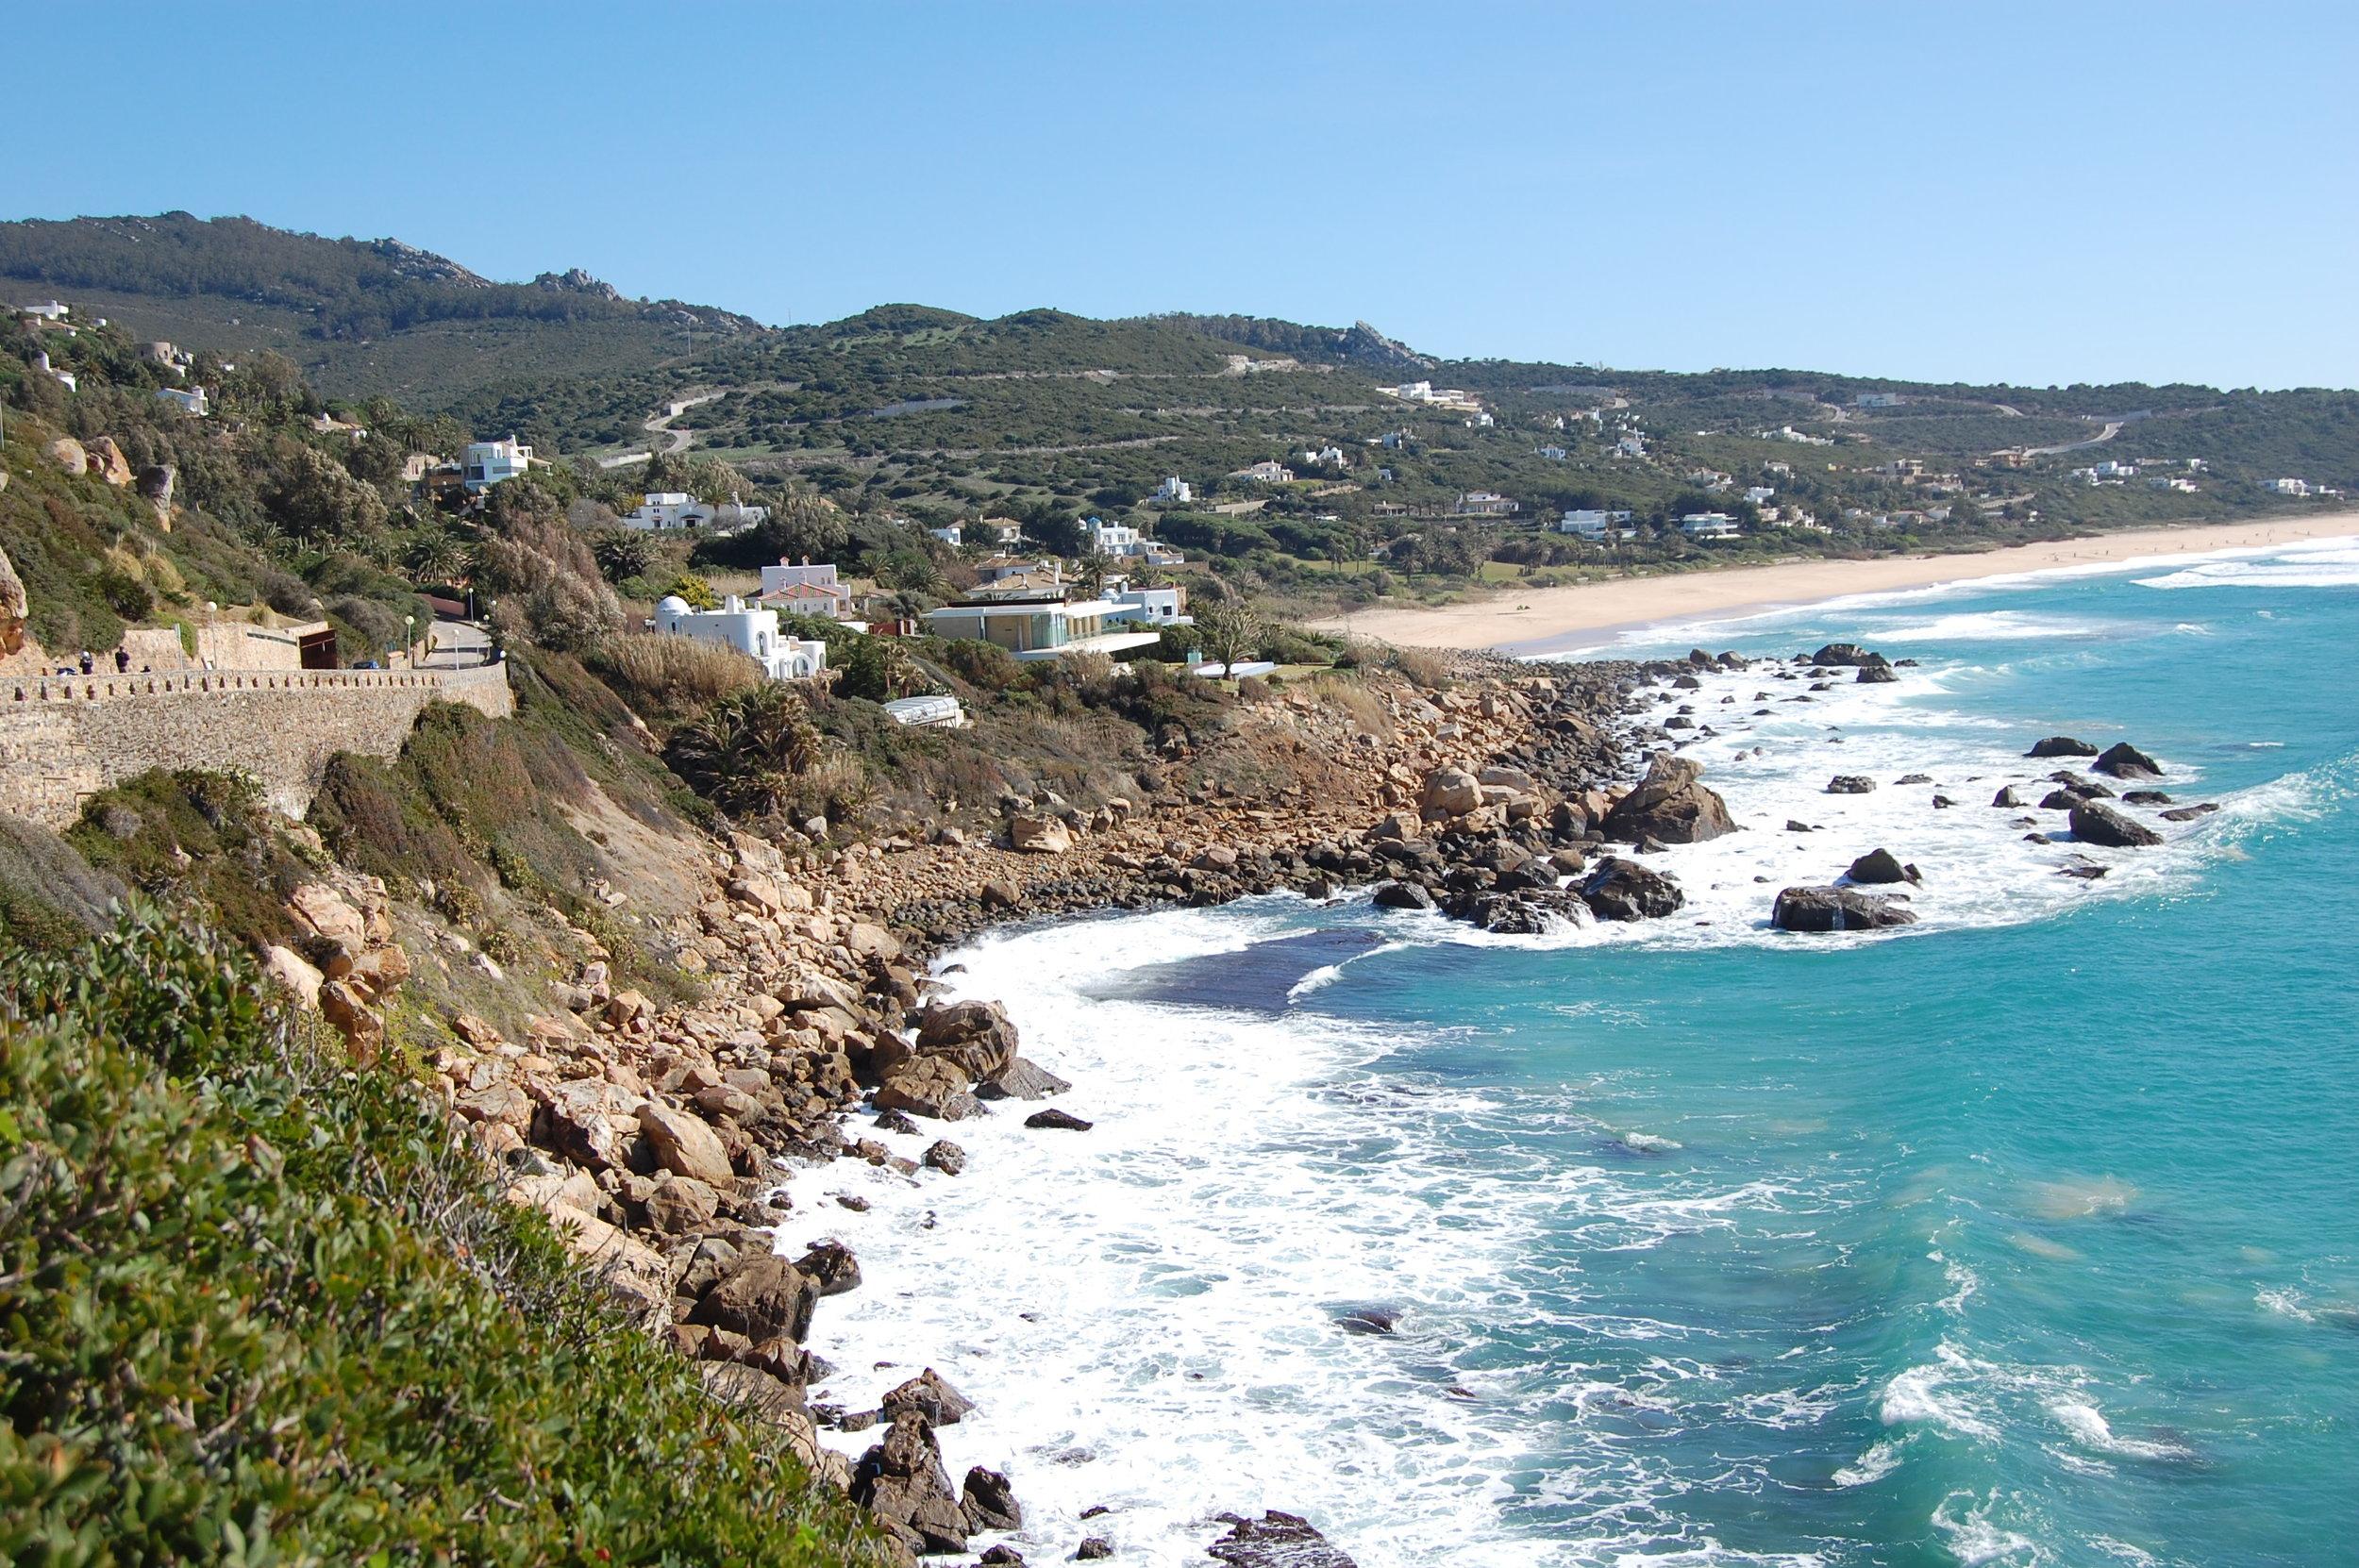 Atlanterra's beaches are the most wildly beautiful on the Costa de la Luz